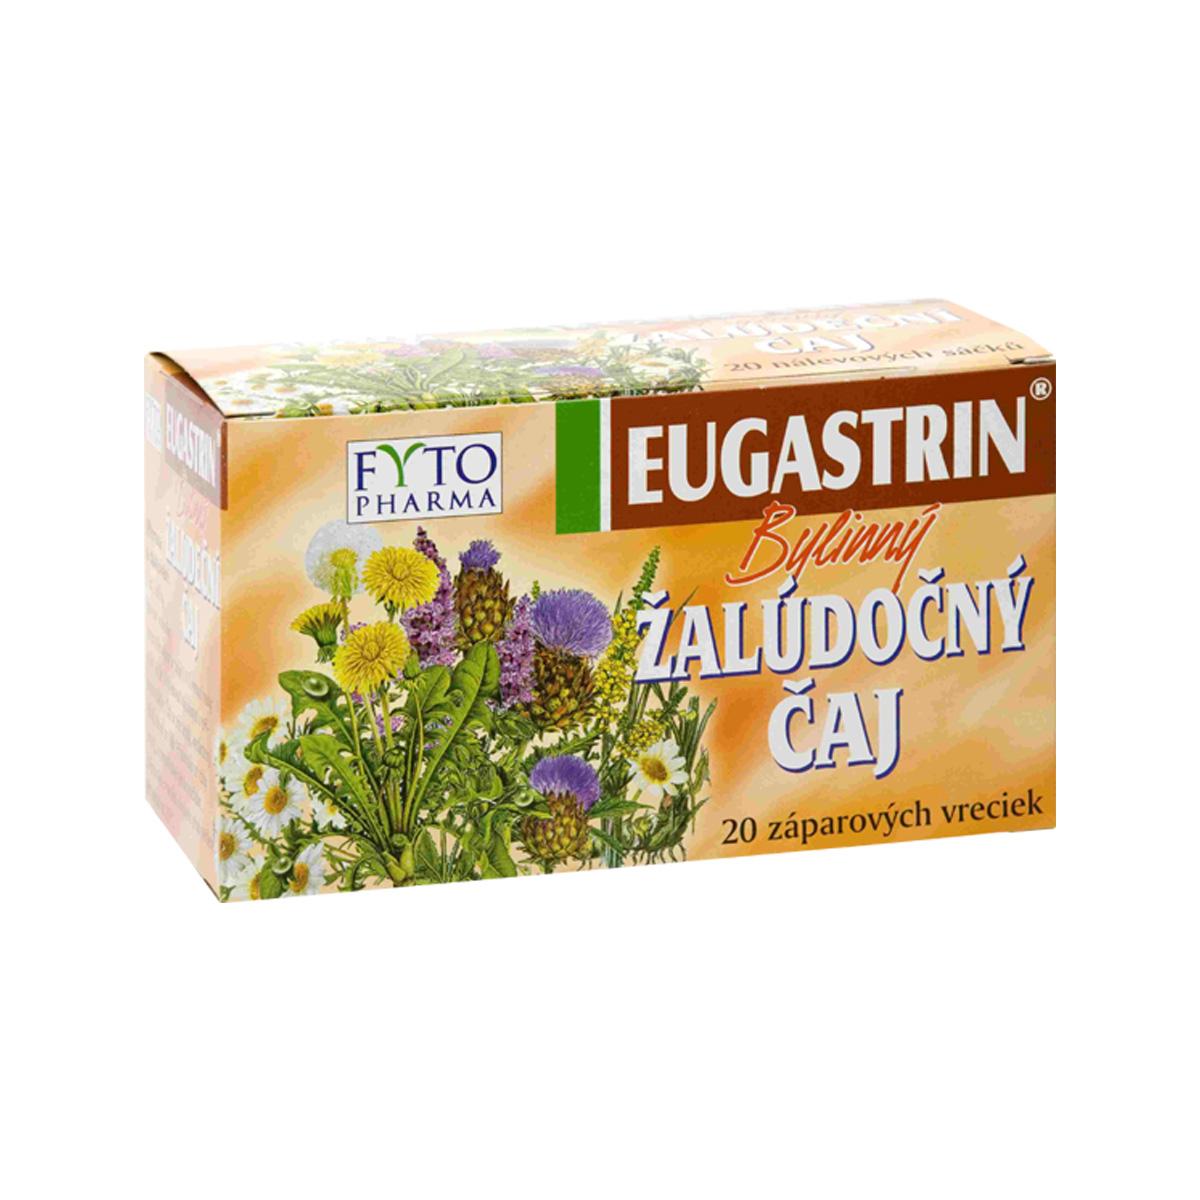 Fytopharma EUGASTRIN® bylinný čaj na trávení 20 x 1 g